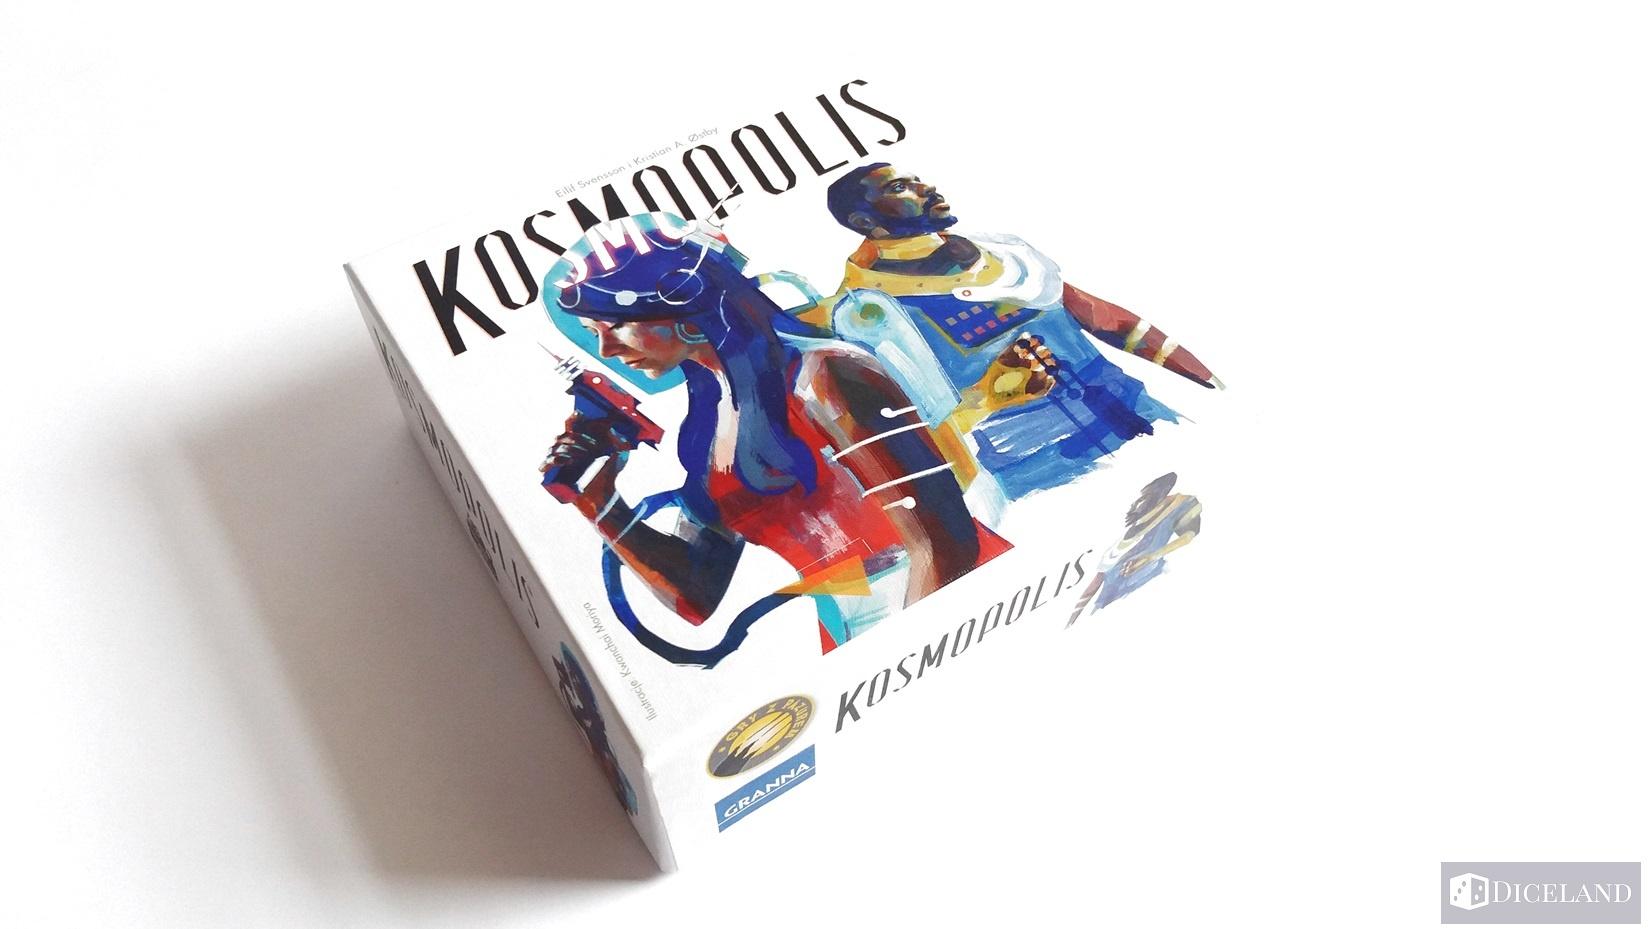 Kosmopolis 1 Recenzja #15 Kosmopolis